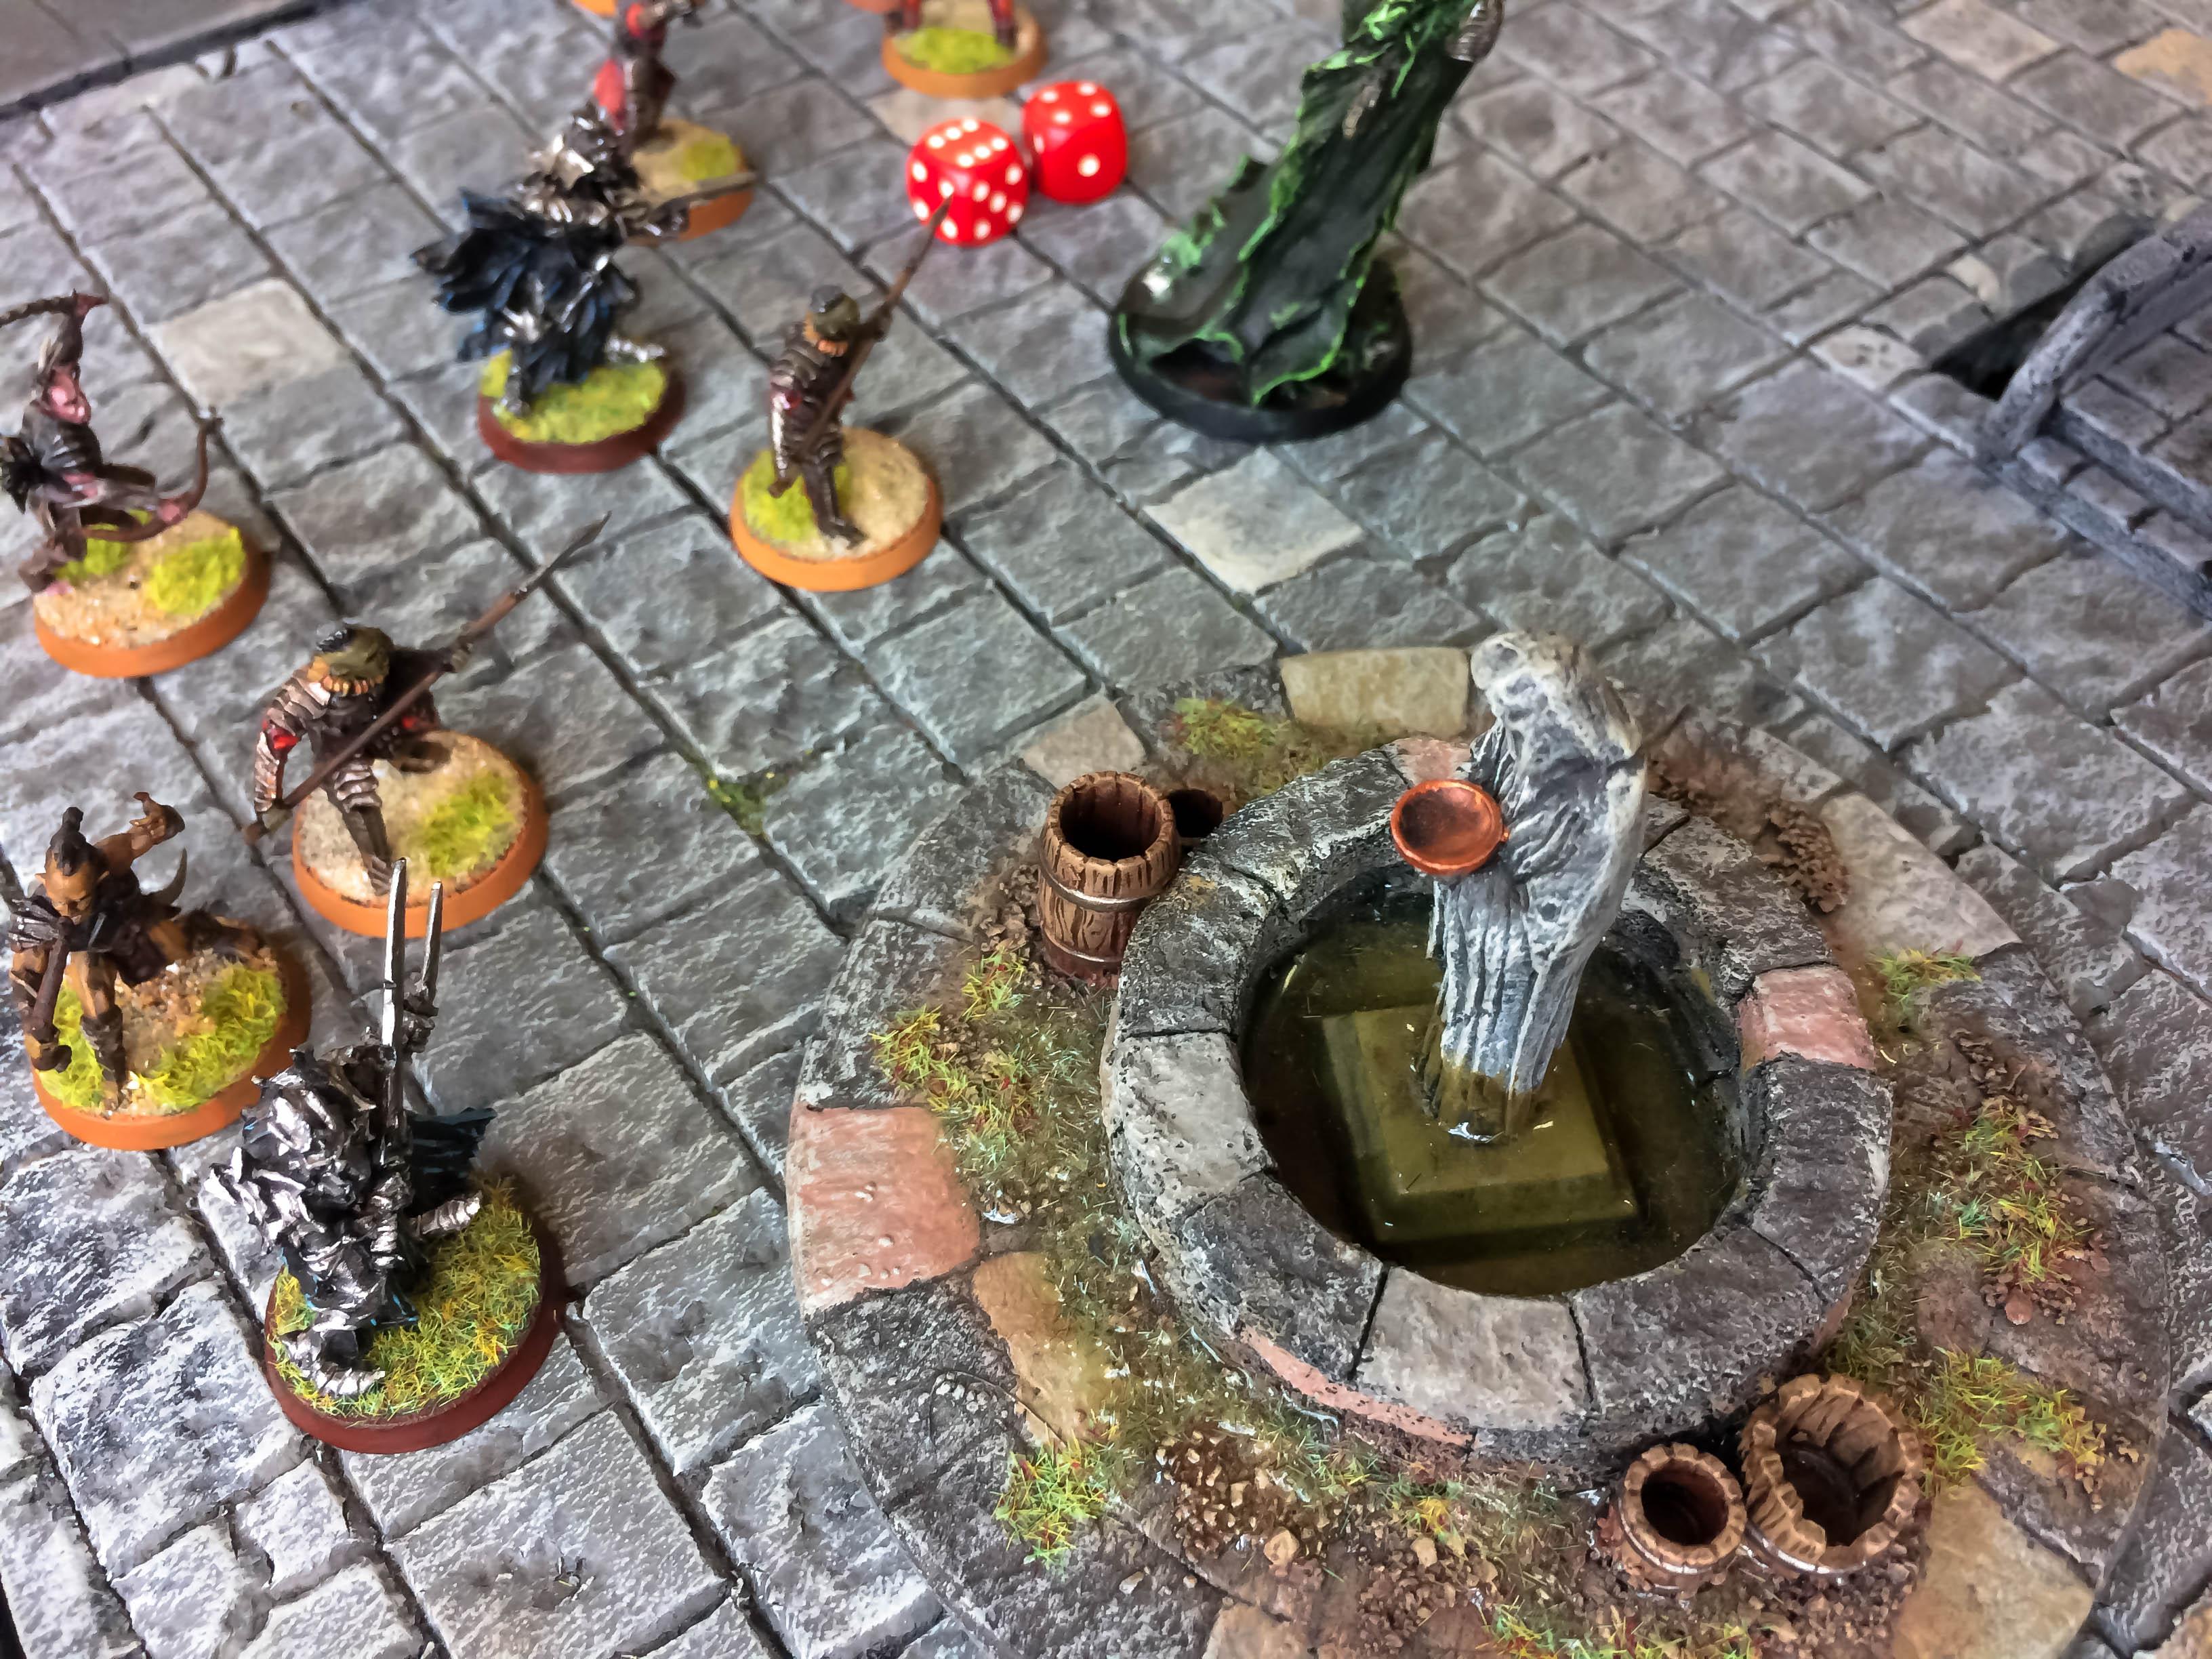 Cenário de wargame de Senhor dos Anéis com miniaturas